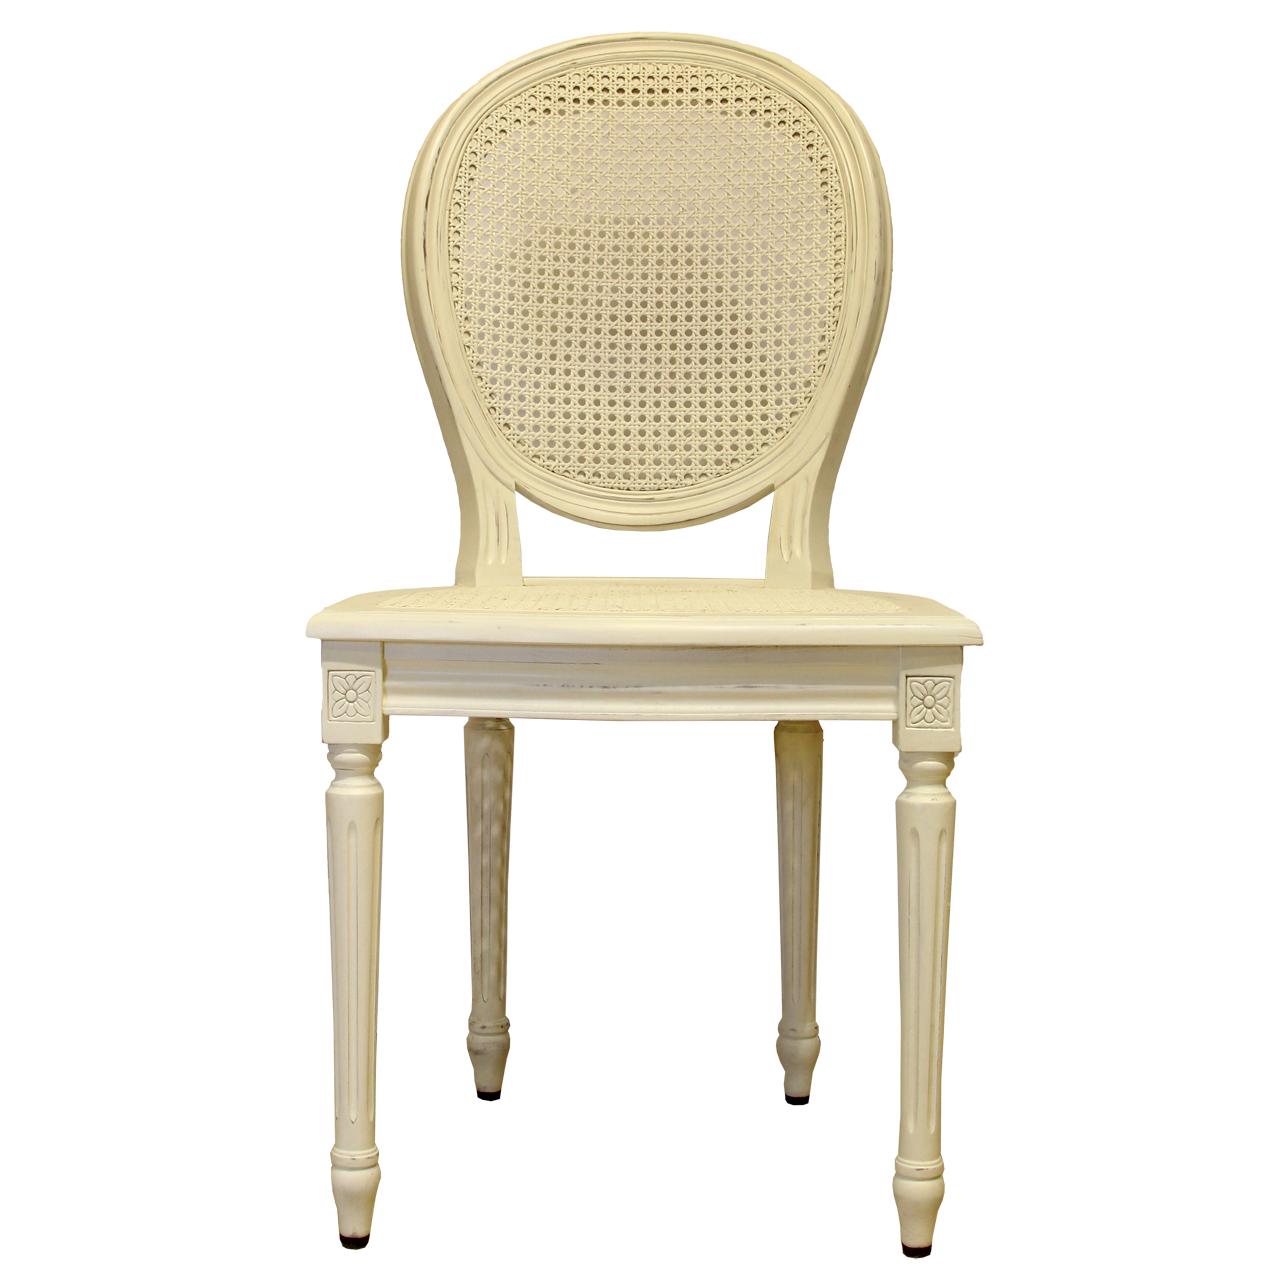 Scaun Louis din lemn crem antichizat 47x40x93 cm chicville 2021